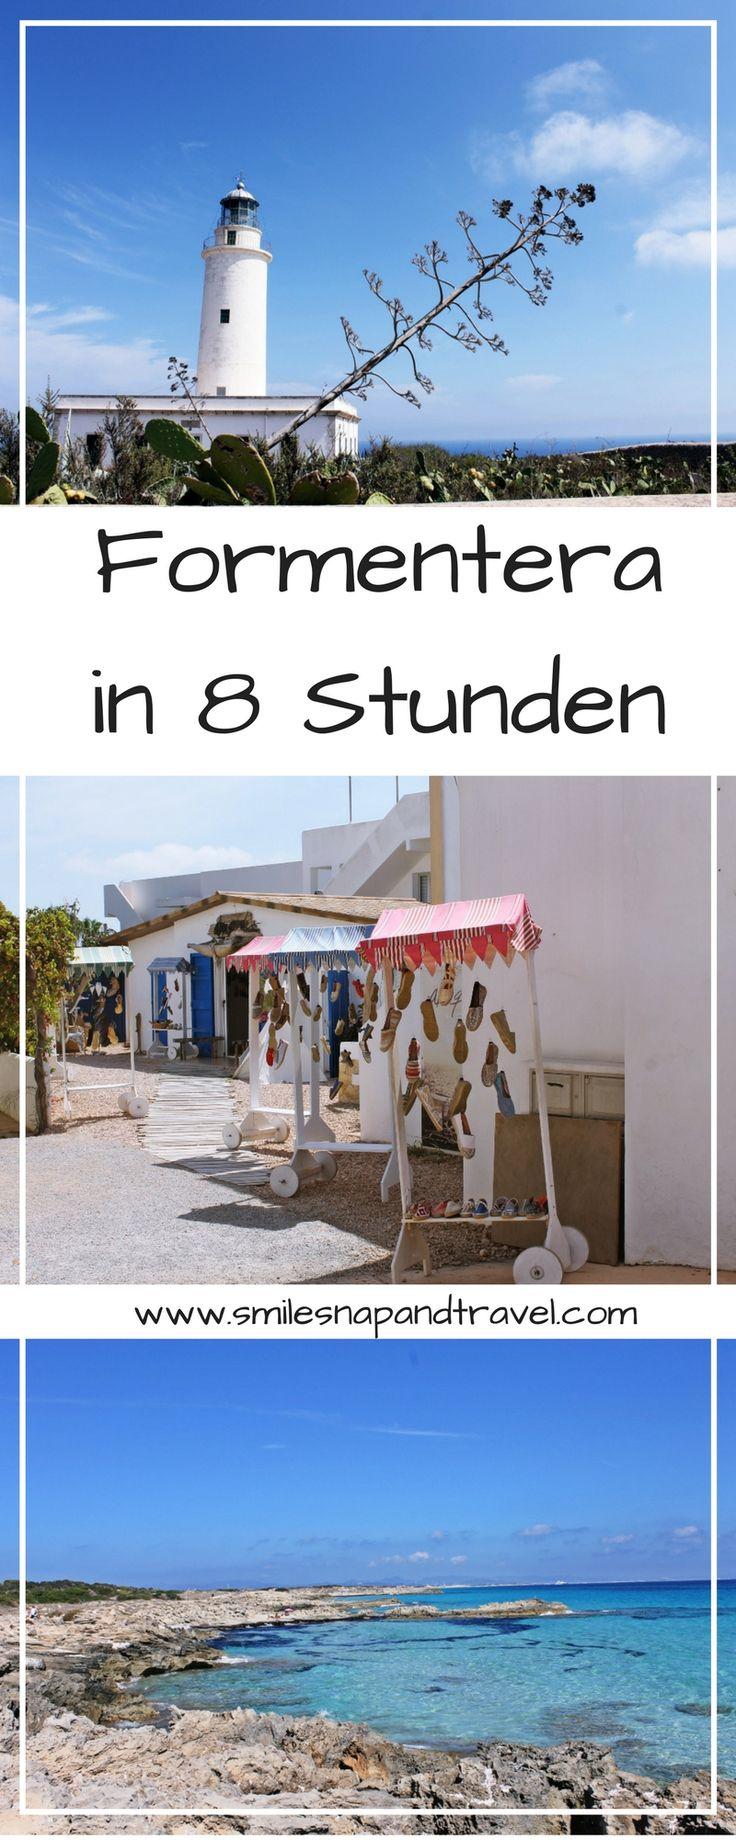 Besichtige Formentera, die kleine Schwester von Ibiza, in 8 Stunden: shoppen, baden und die Sonne geniesen. #ibiza #strrand #shopping